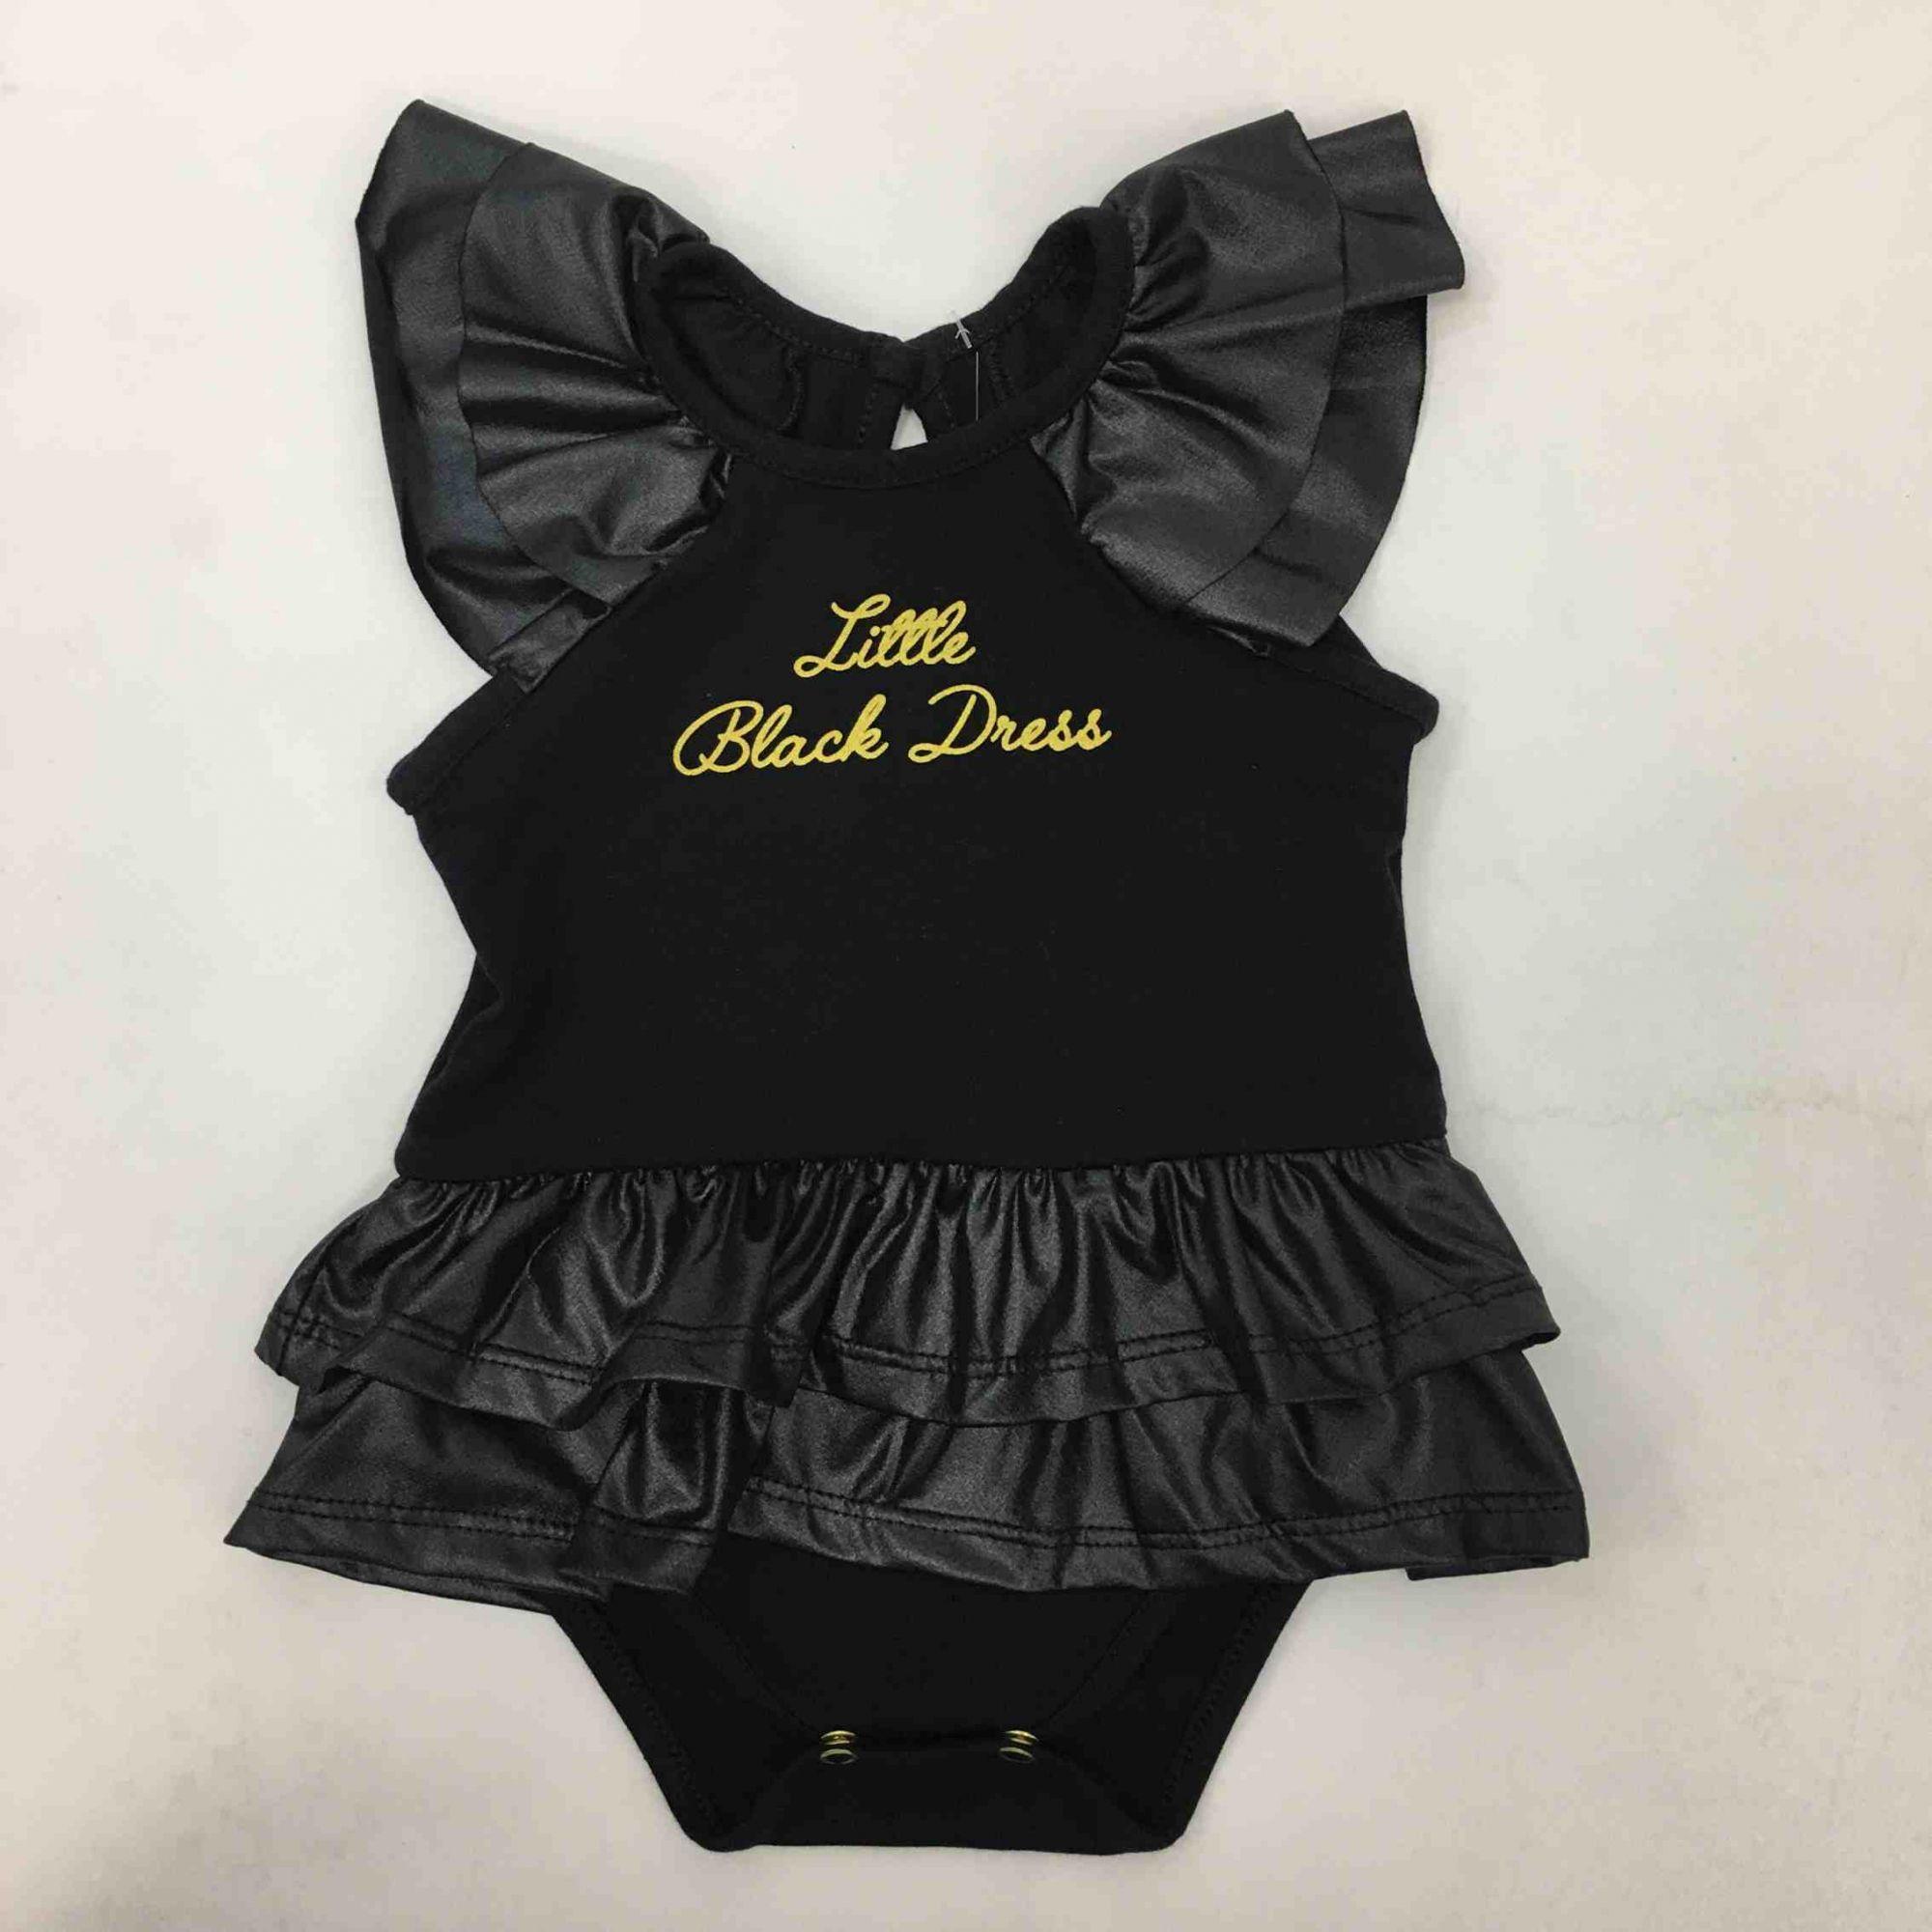 BODY MANGA CURTA BLACK DRESS COM FAIXA VESTE ROSA REF:18700 P/G